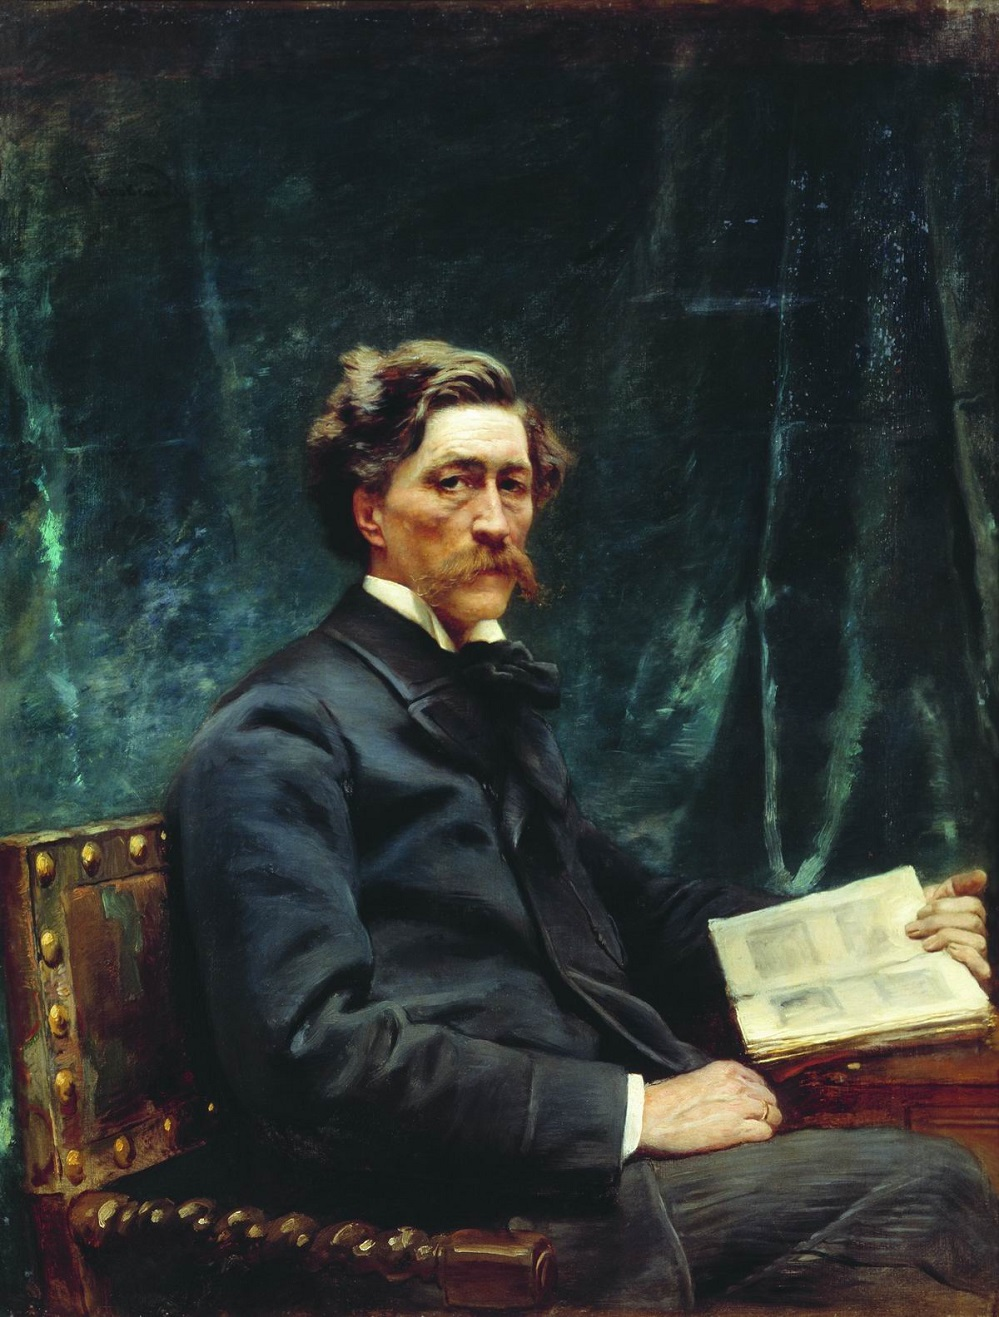 Портрет С.Н.Худекова. 1890-е  Пензенская областная картинная галерея им. К.А. Савицкого.